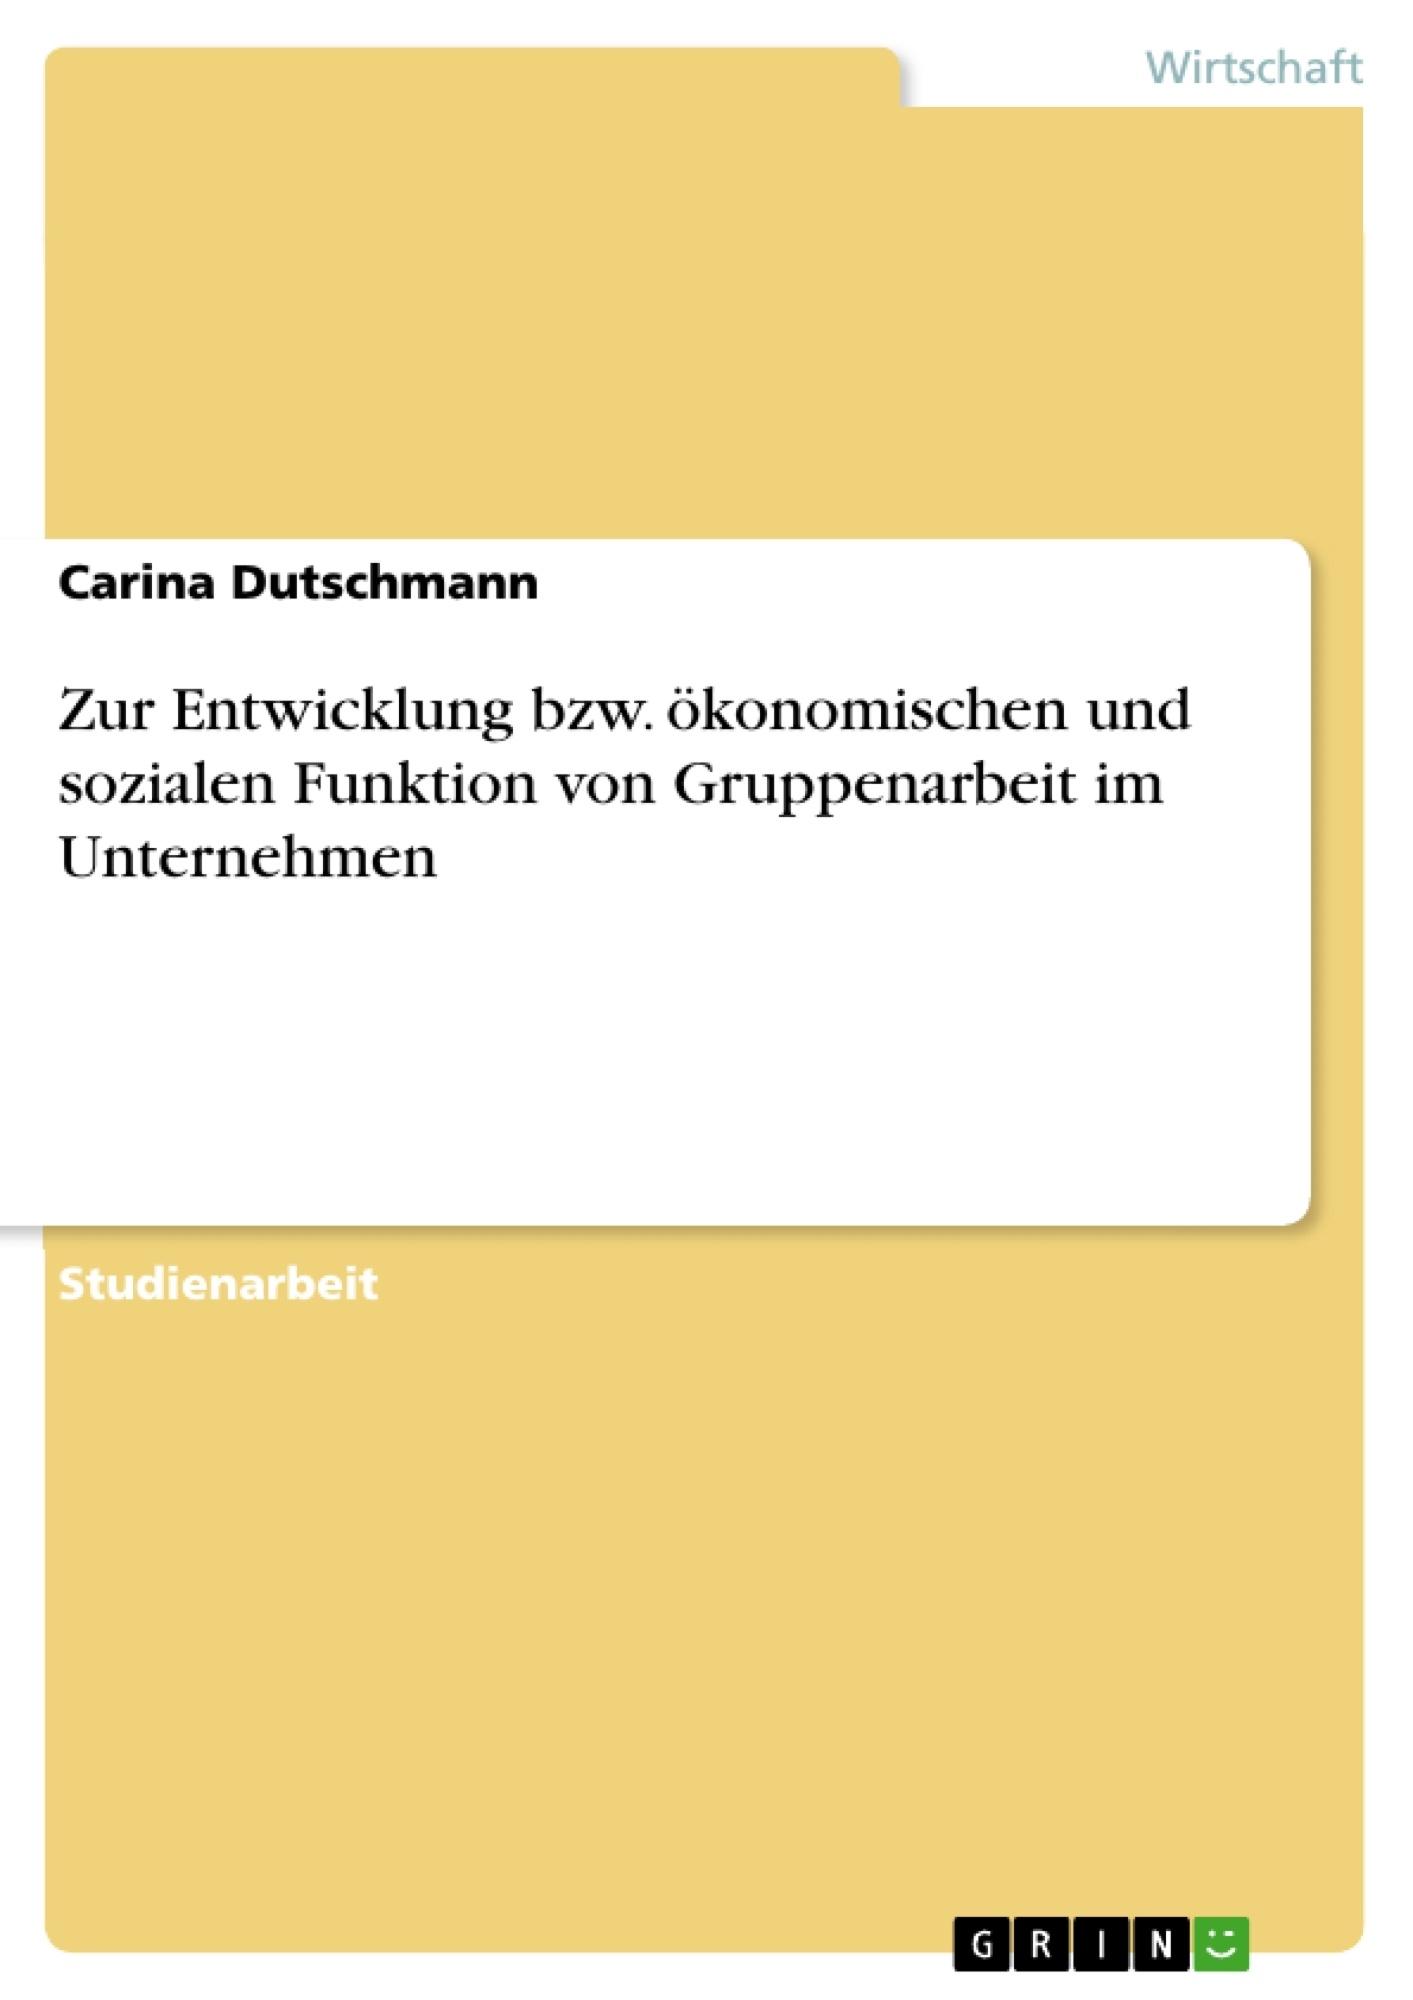 Titel: Zur Entwicklung bzw. ökonomischen und sozialen Funktion von Gruppenarbeit im Unternehmen